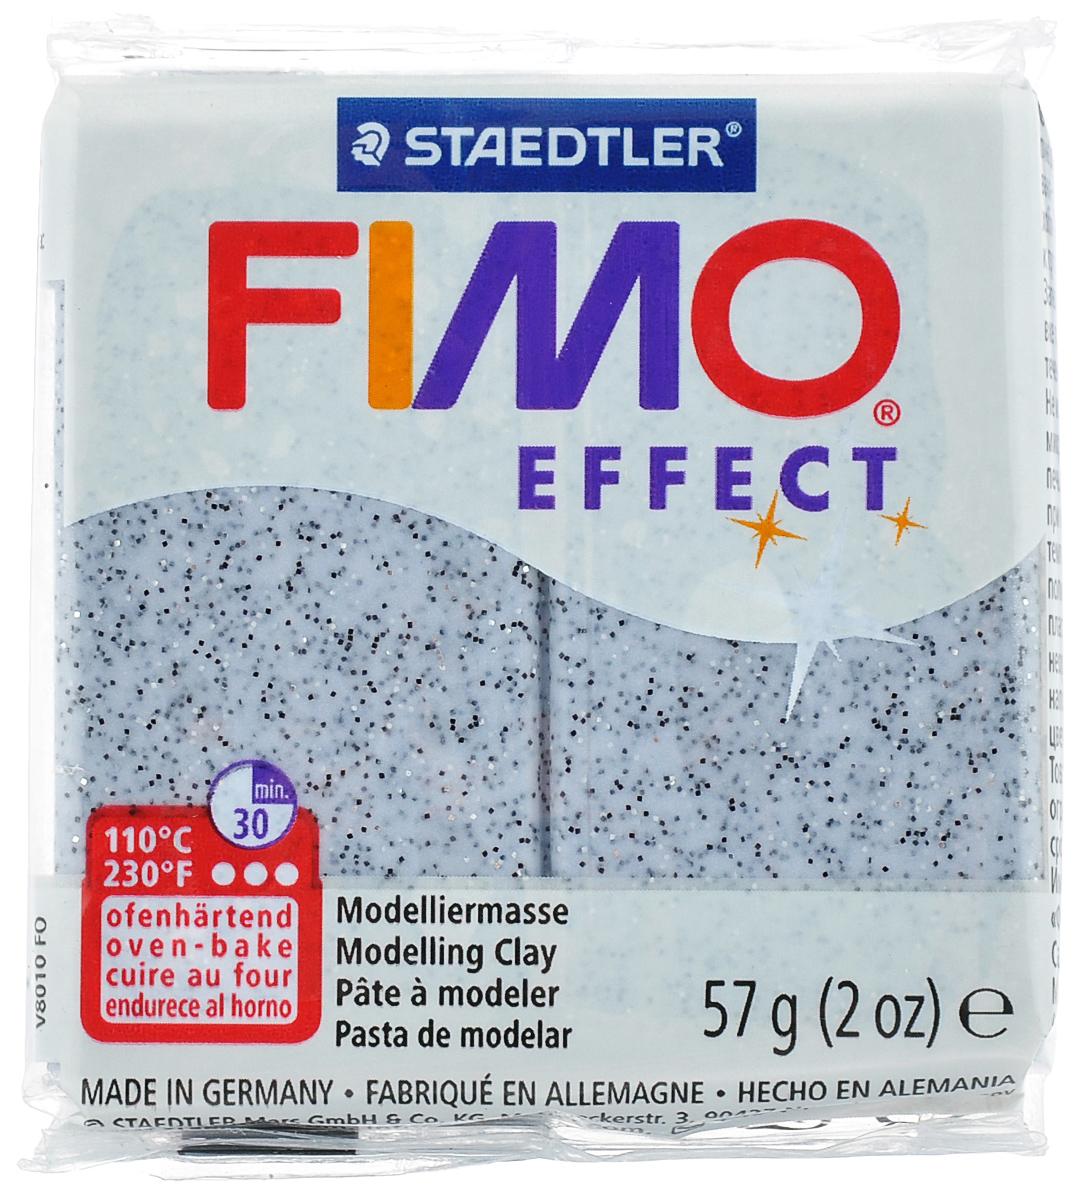 Полимерная глина Fimo Effect Granite, цвет: гранит, 56 г8020-803Мягкая глина с блестками на полимерной основе (пластика) Fimo Effect Granite идеально подходит для лепки небольших изделий (украшений, скульптурок, кукол) и для моделирования. Глина обладает отличными пластичными свойствами, хорошо размягчается и лепится, легко смешивается между собой, благодаря чему можно создать огромное количество поделок любых цветов и оттенков. Блок поделен на восемь сегментов, что позволяет легче разделять глину на порции. В домашних условиях готовая поделка выпекается в духовом шкафу при температуре 110°С в течении 15-30 минут (в зависимости от величины изделия). Отвердевшие изделия могут быть раскрашены акриловыми красками, покрыты лаком, склеены друг с другом или с другими материалами. Состав: поливинилхлорид, пластификаторы, неорганические наполнители, цветные пигменты.